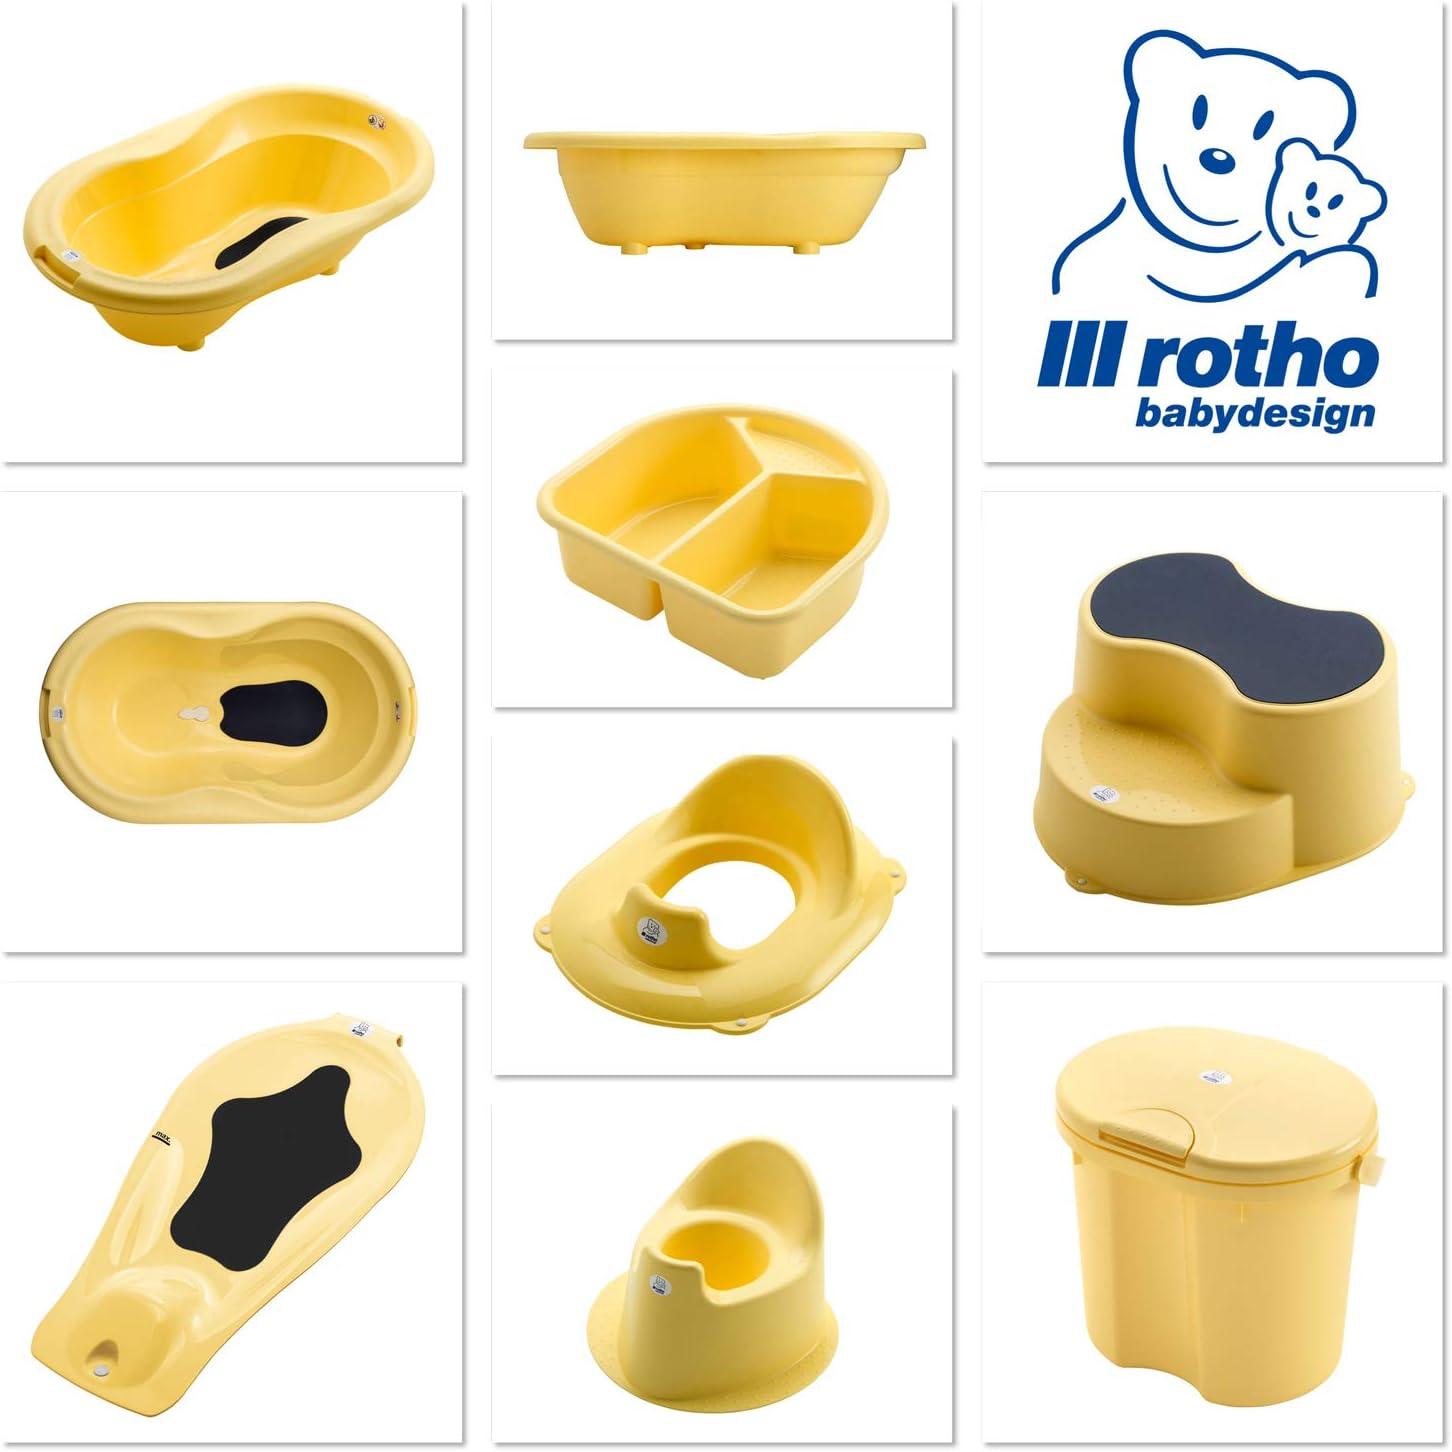 200060236 Vanilla Honey Pearl Rotho Babydesign Palangana A partir de 0 meses Amarillo 4 l TOP